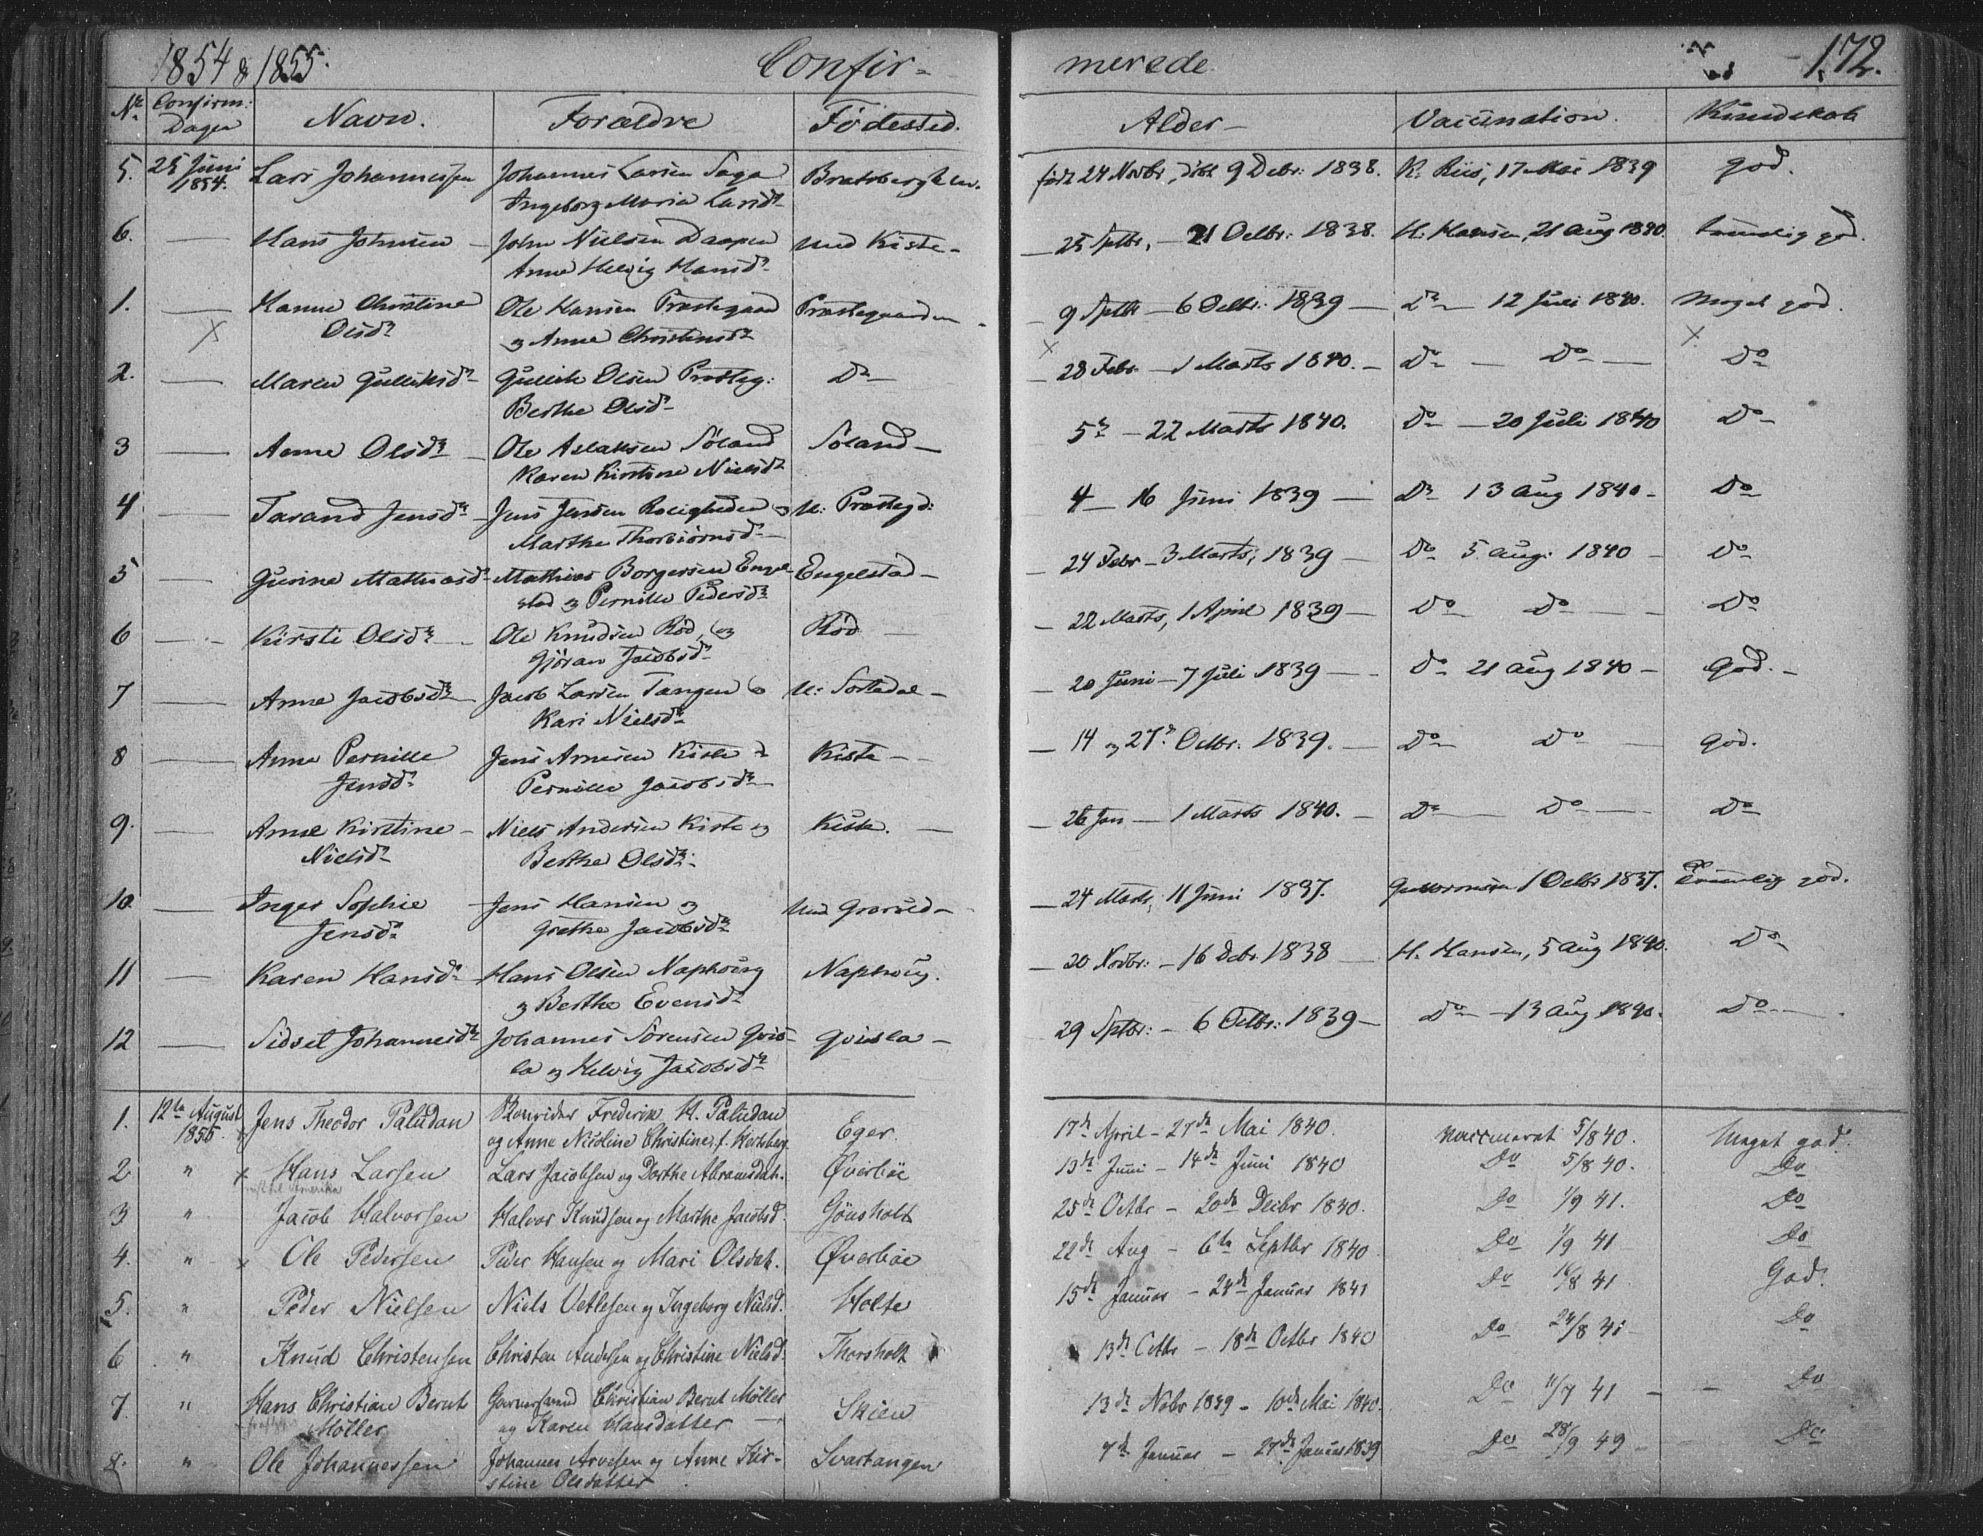 SAKO, Siljan kirkebøker, F/Fa/L0001: Ministerialbok nr. 1, 1831-1870, s. 172